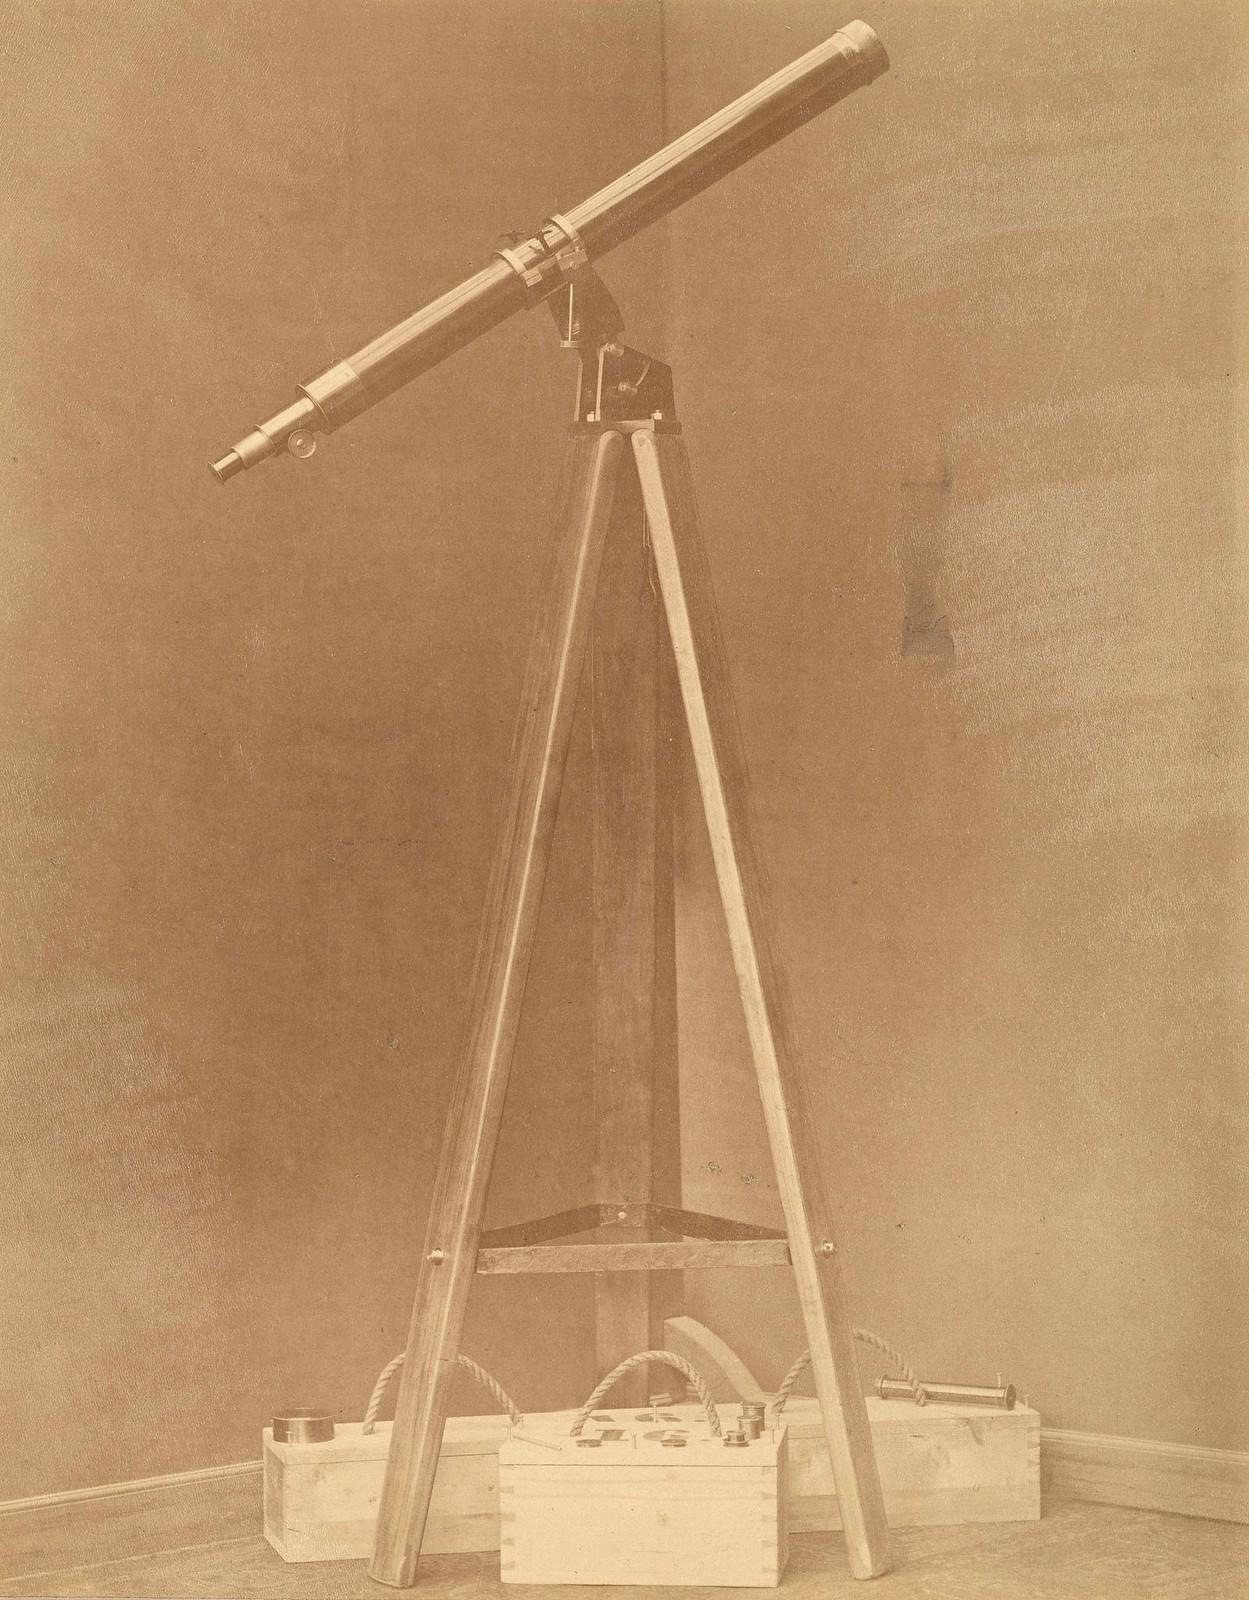 Переносная подставка фирмы М.Хербст для телескопа Мерца в Пулковской обсерватории